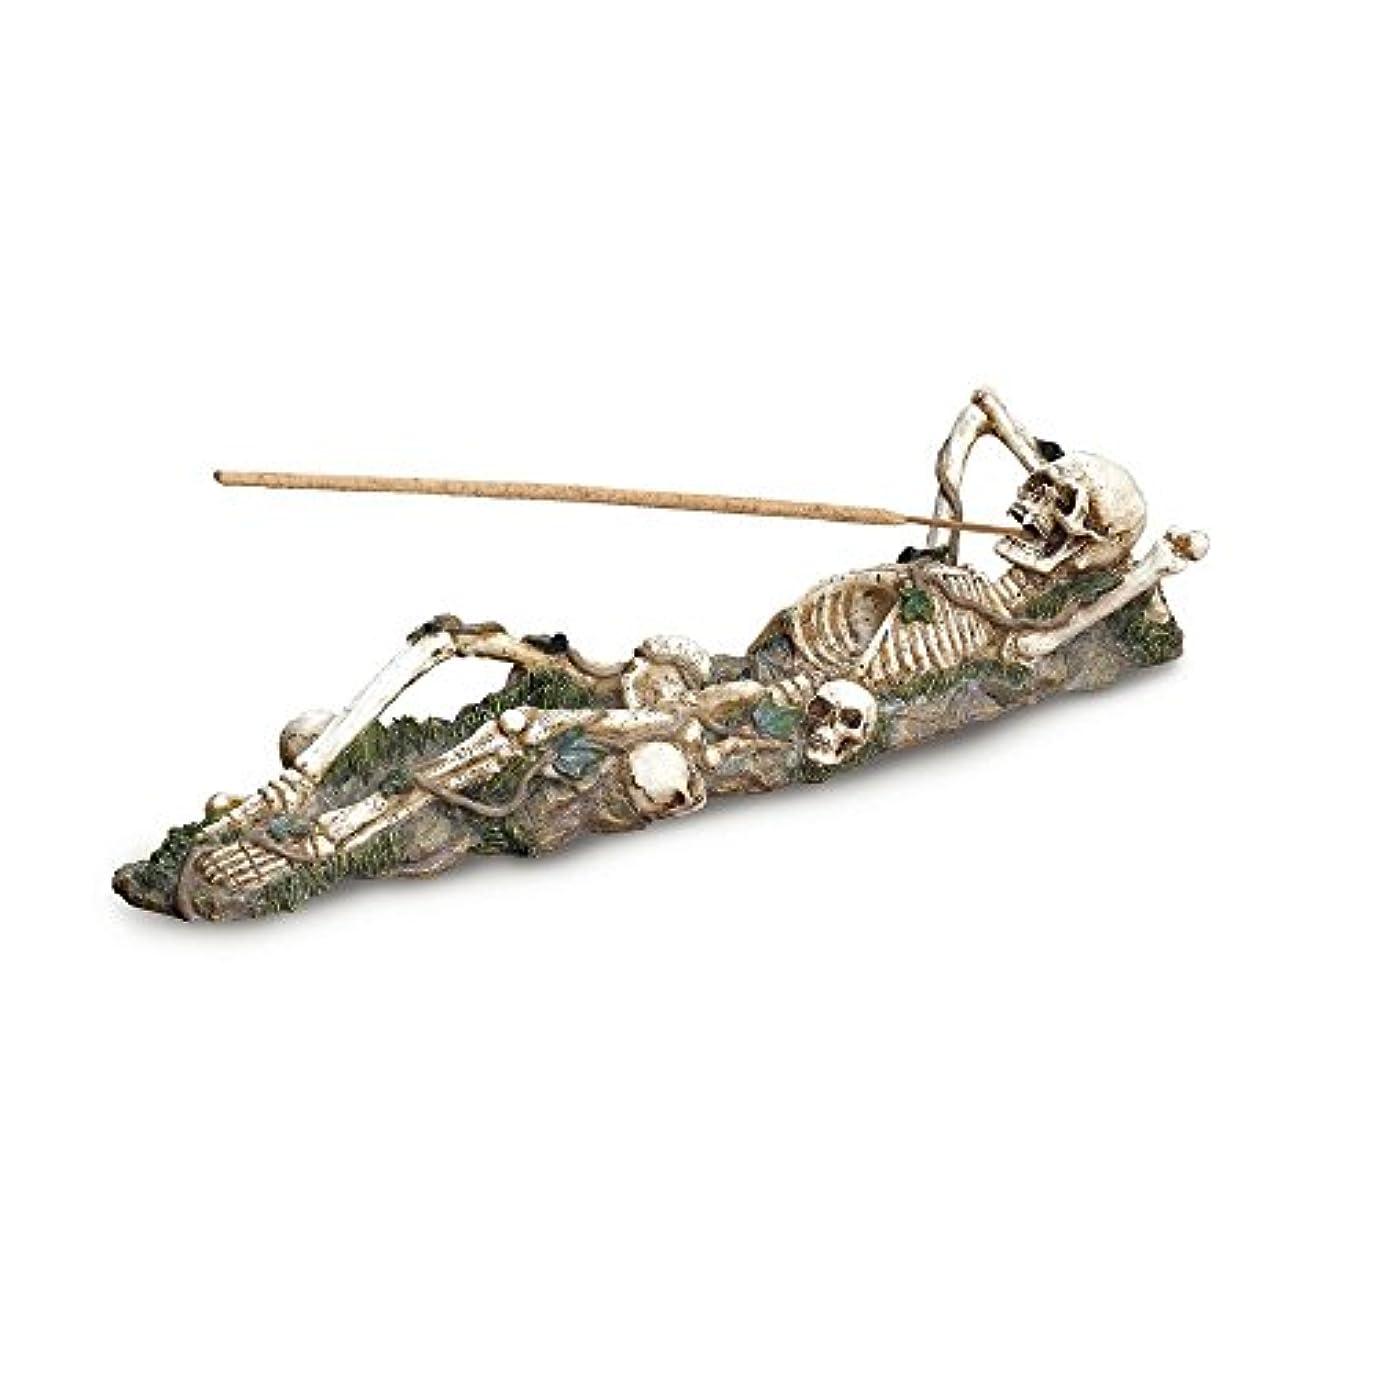 見つける遅らせるくしゃくしゃGifts & Decor Skeleton Incense Burner Holder Collector Halloween Gift by Gifts & Decor